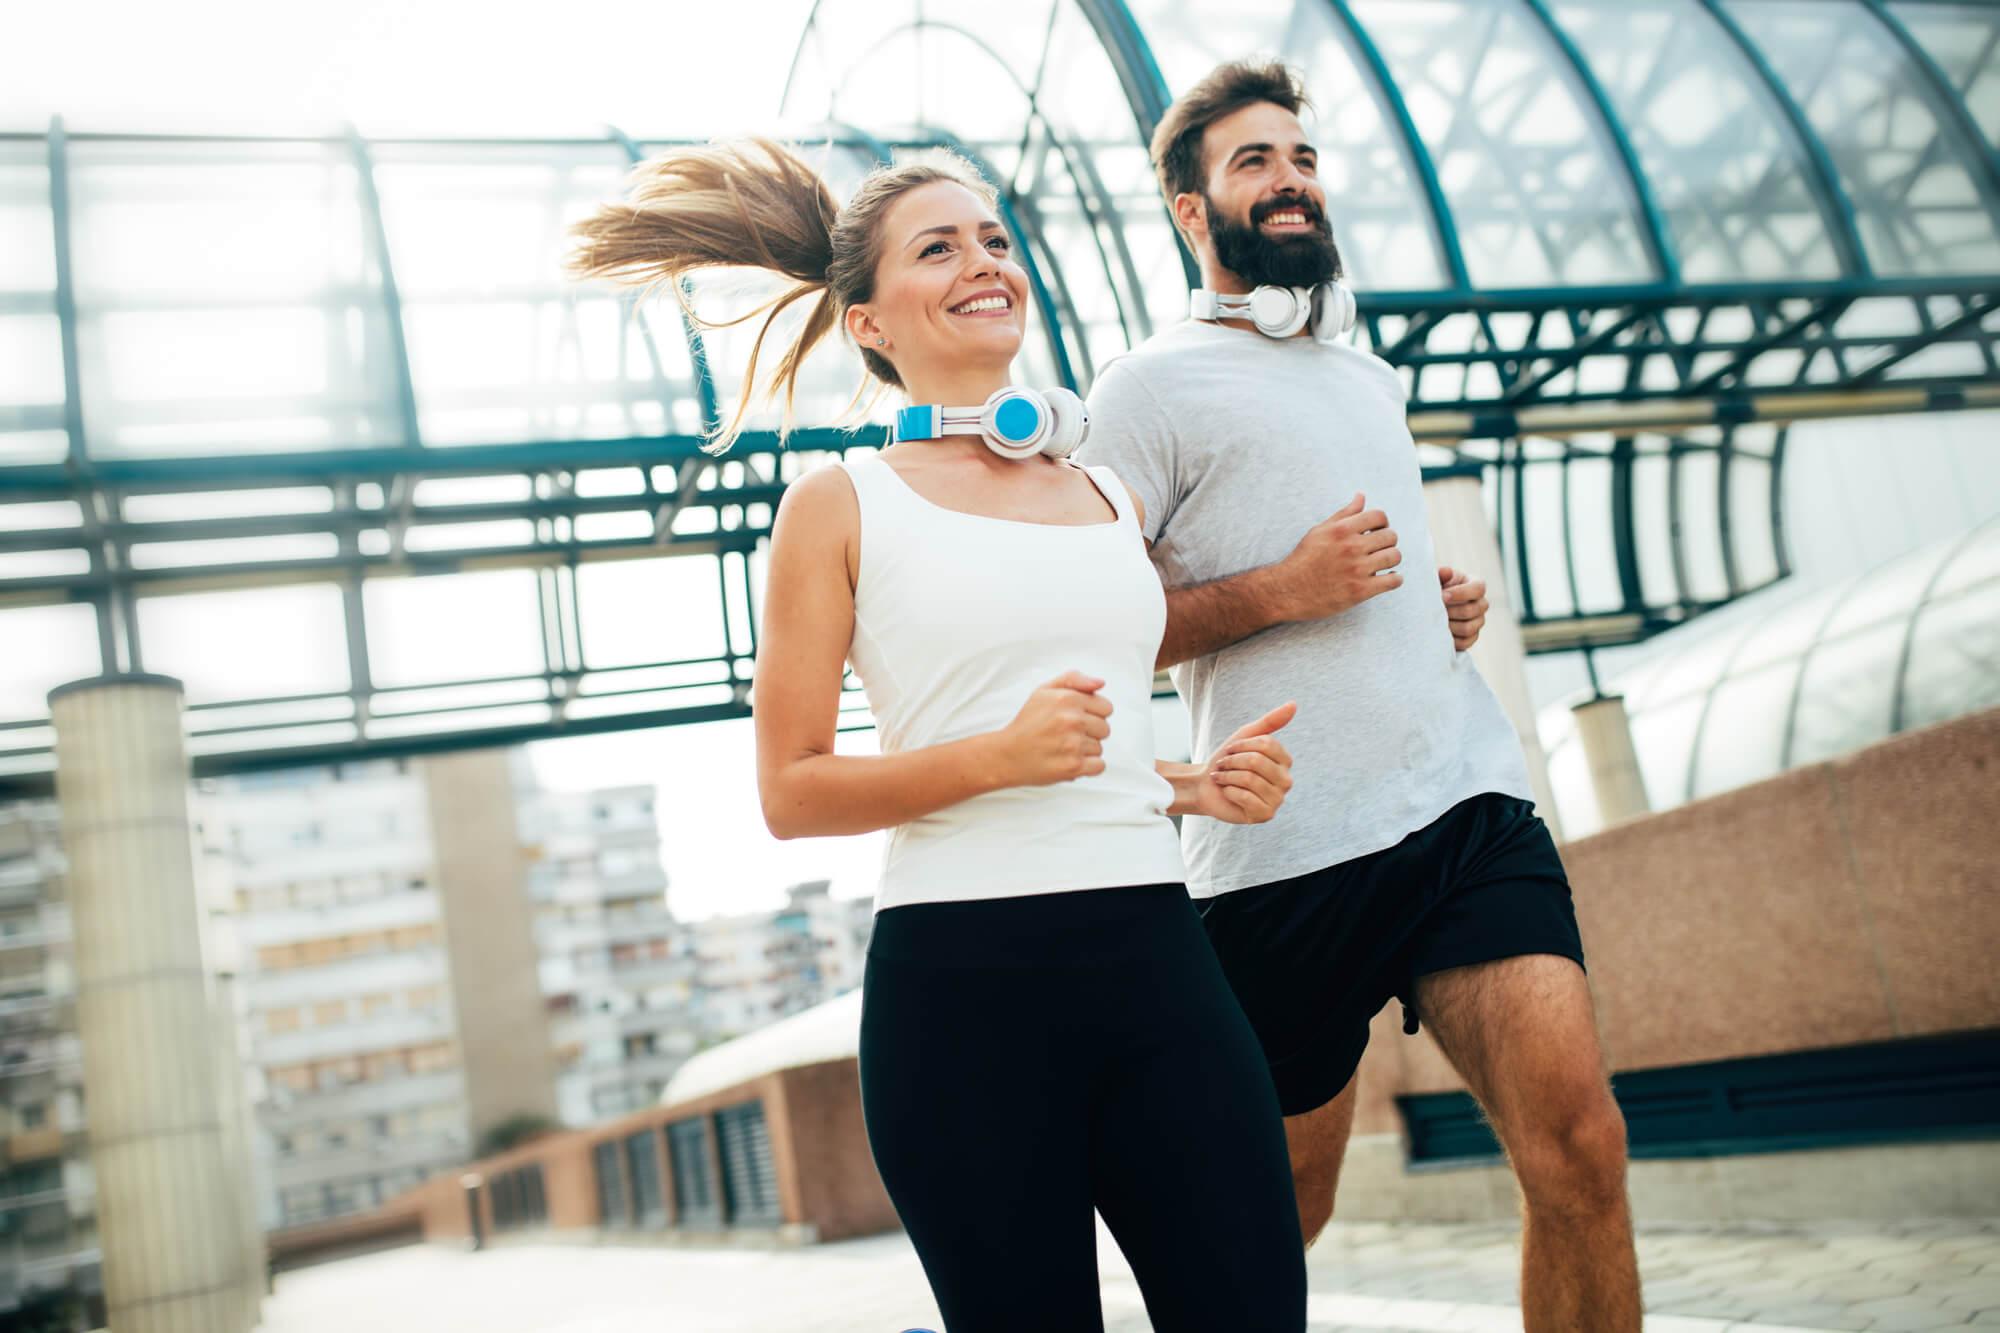 pessoas aprendendo como correr mais rápido